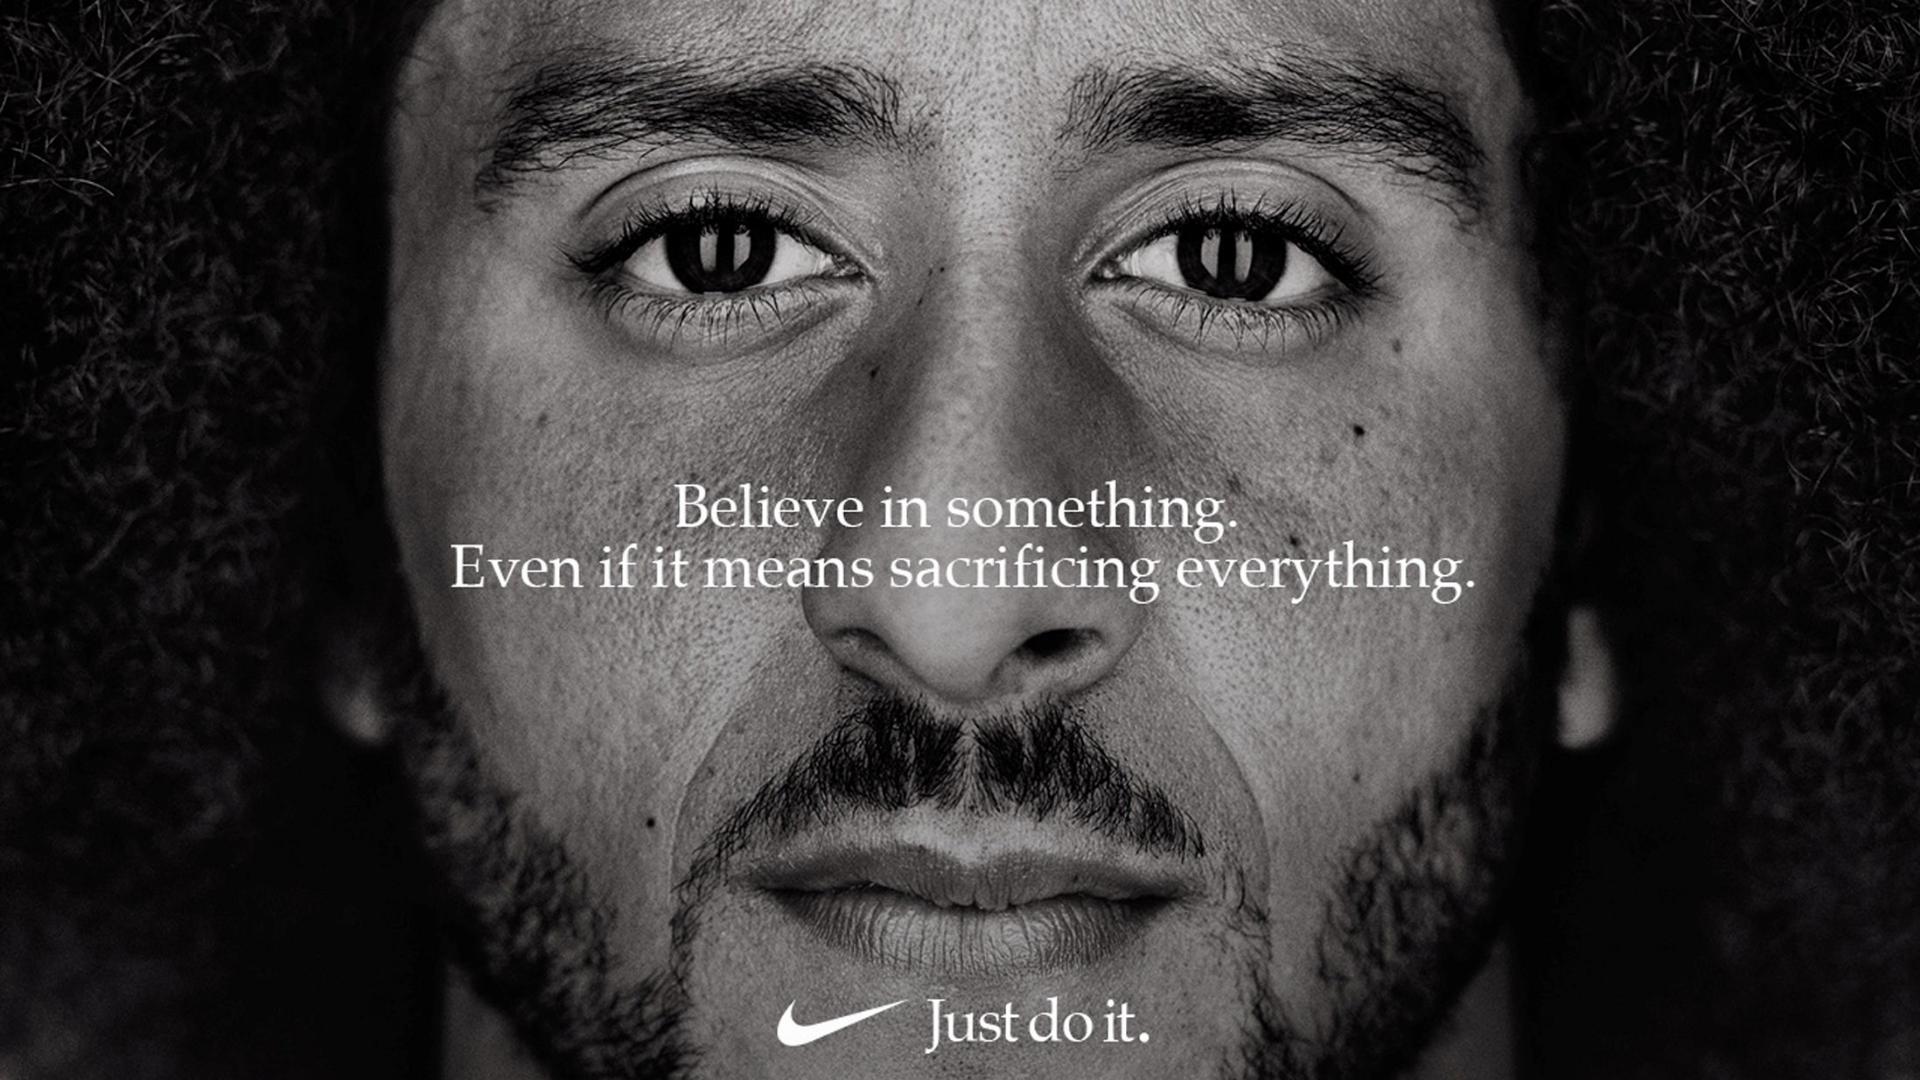 estera Hacer la vida visión  Just Do It': The surprising and morbid origin story of Nike's slogan - The  Washington Post